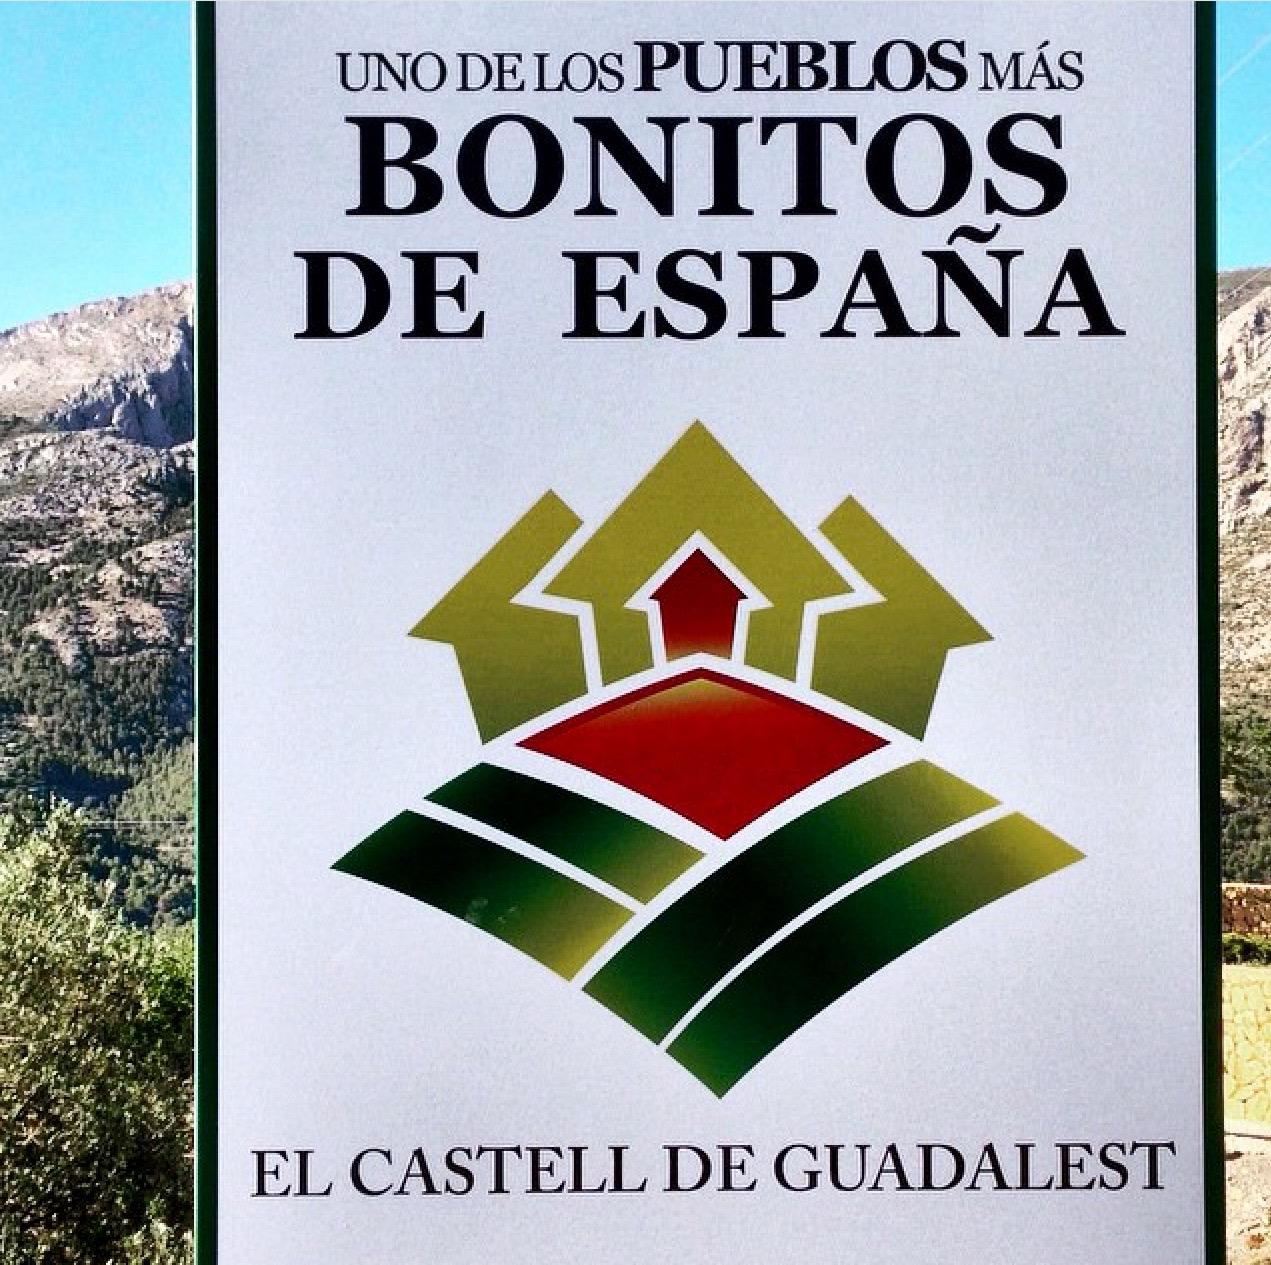 Guadalest uno de los pueblos más bonitos de España.